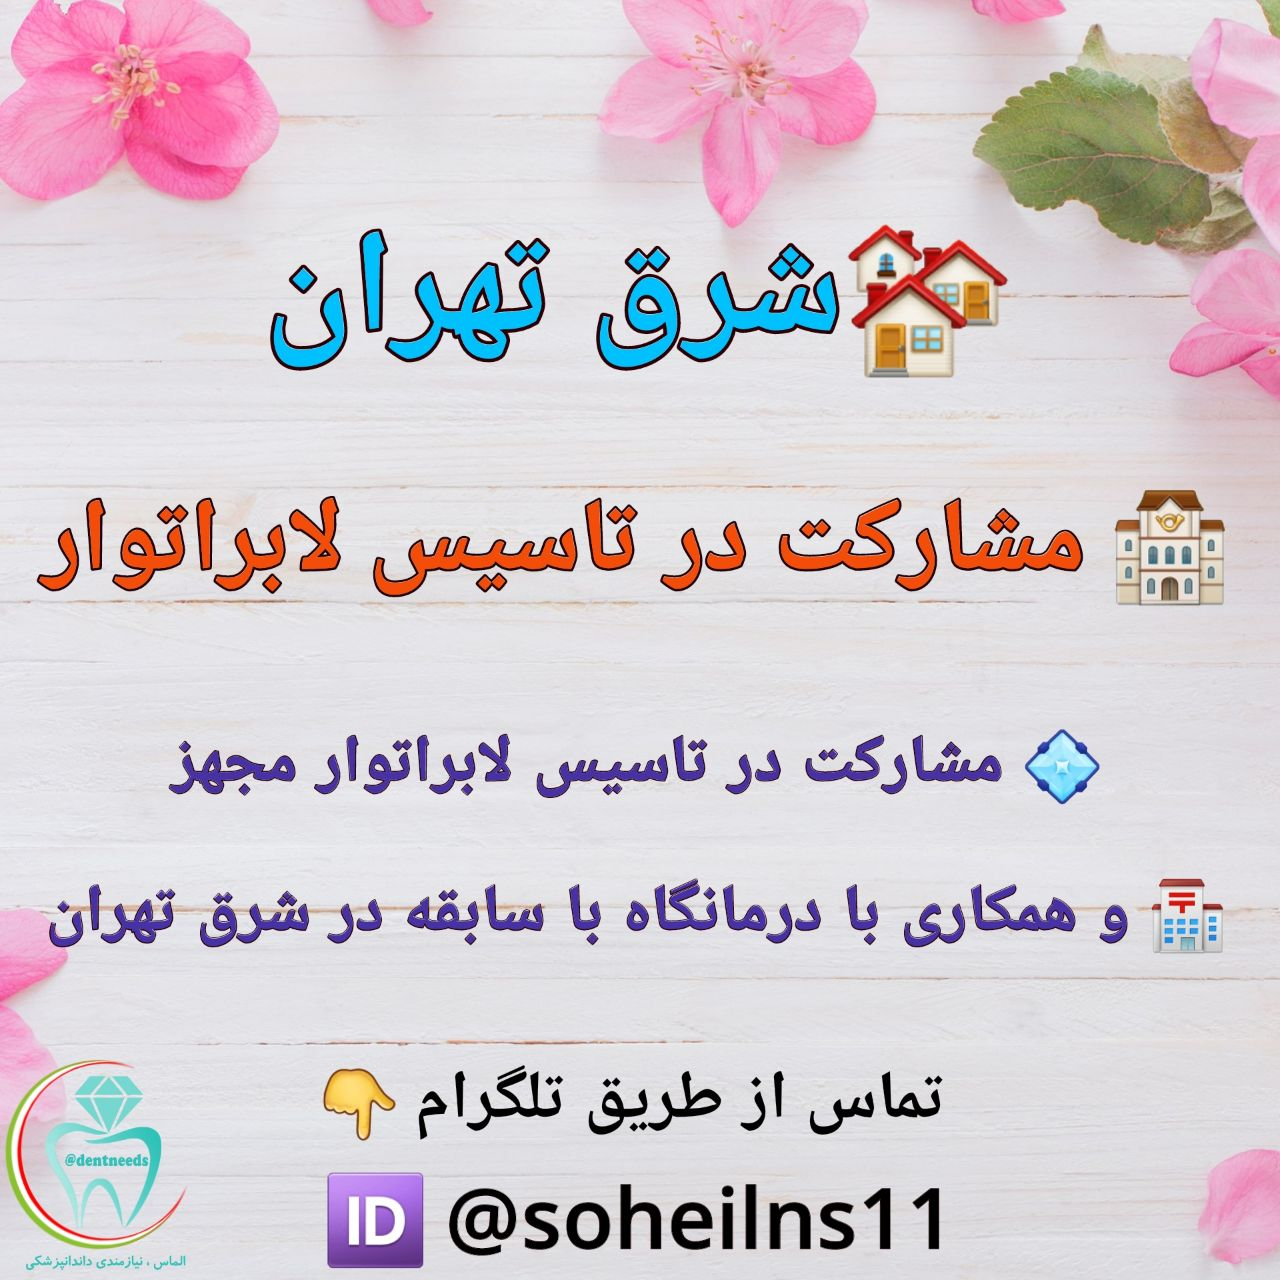 شرق تهران: مشارکت در تاسیس لابراتوار